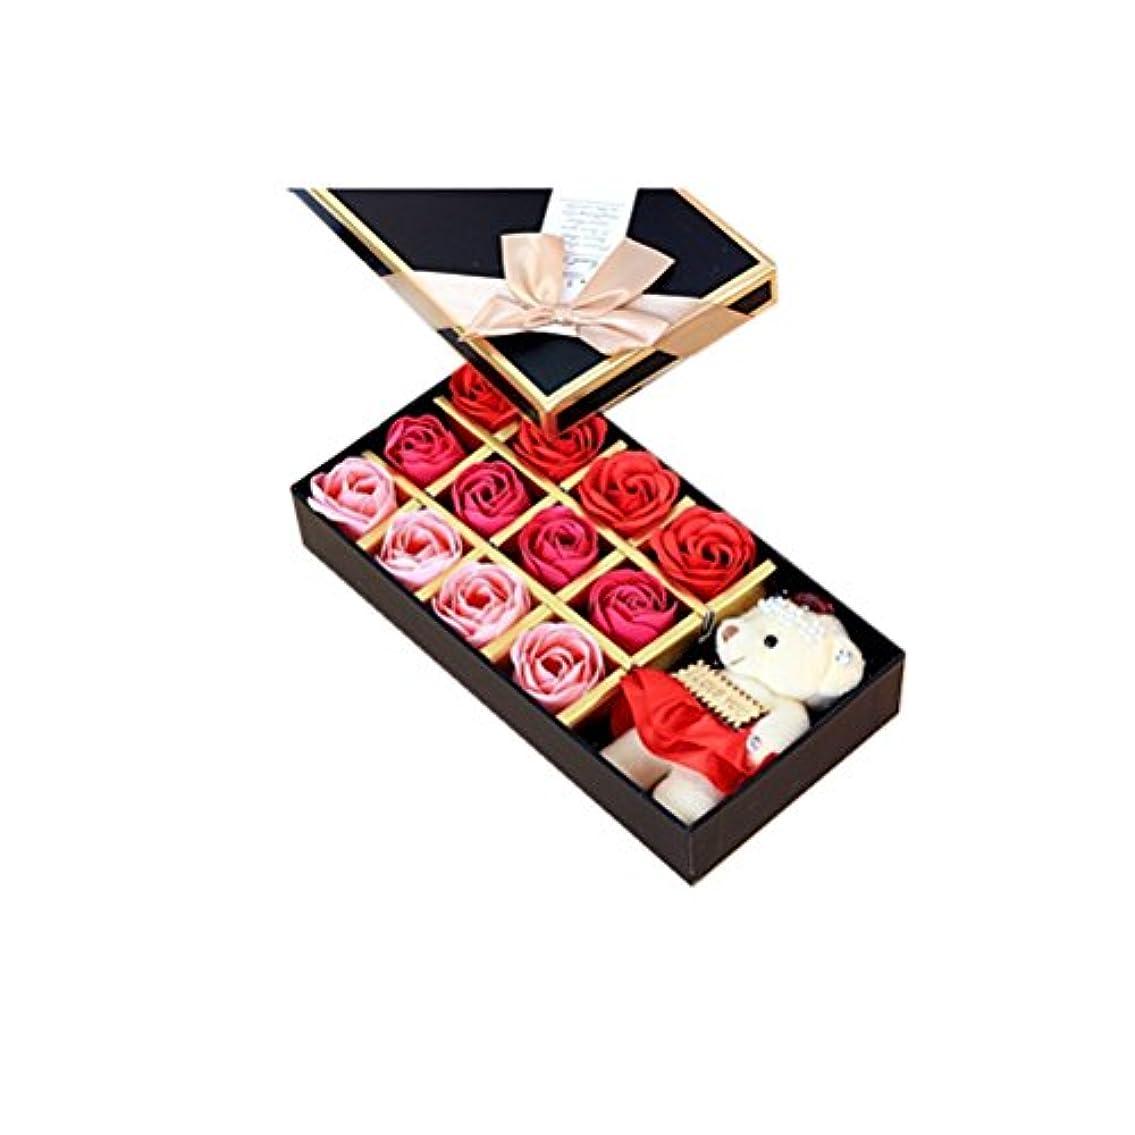 構成員樫の木豊富ROSENICE 香り バラの花 お風呂 石鹸 ギフトボックス (赤)